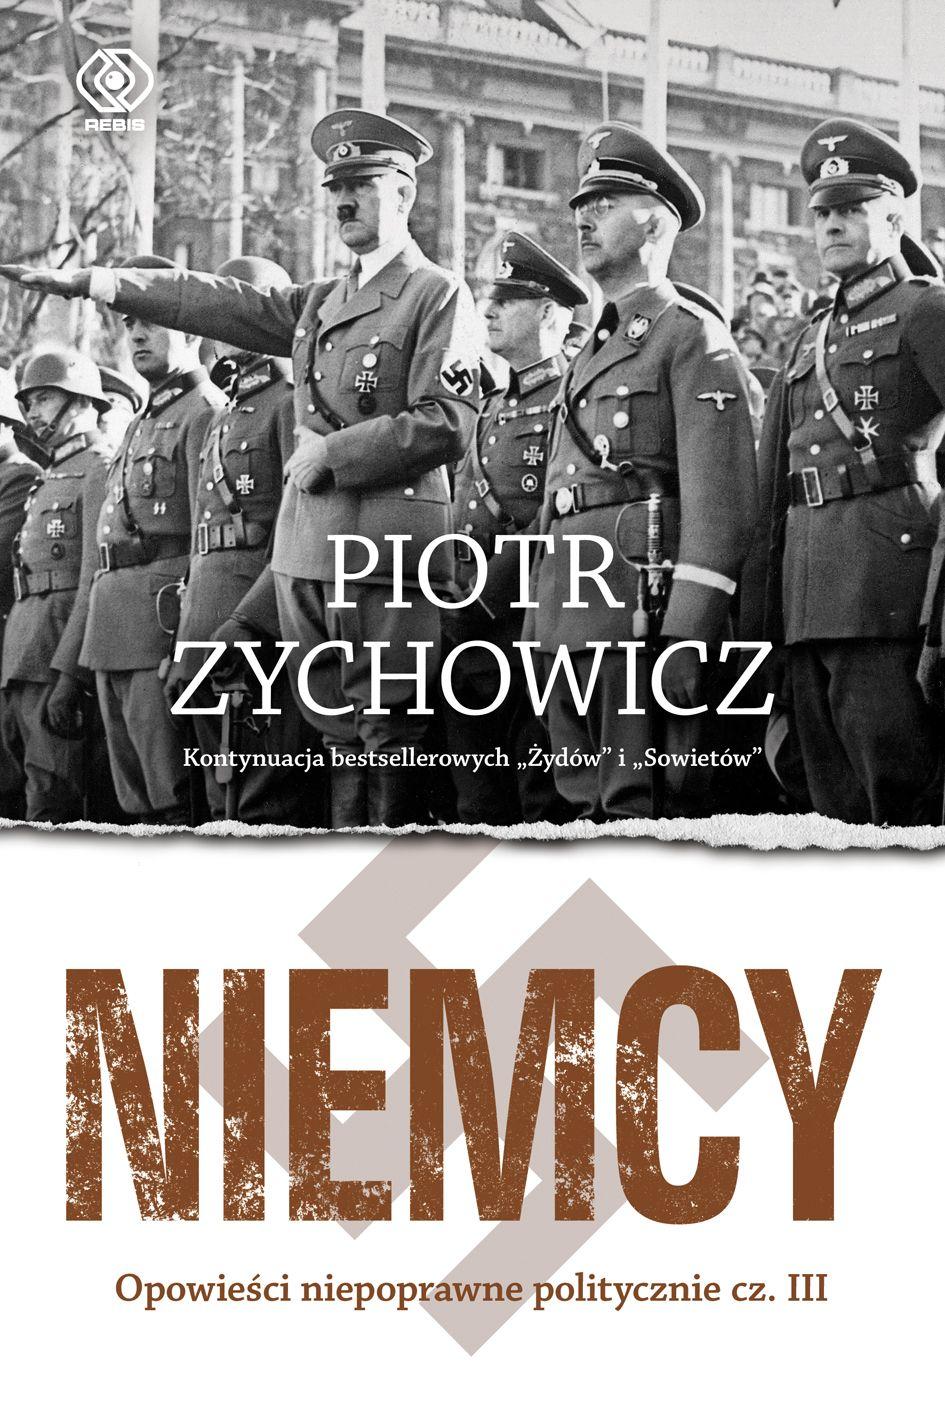 Kup najnowszą książkę Piotra Zychowicza na empik.com.pl